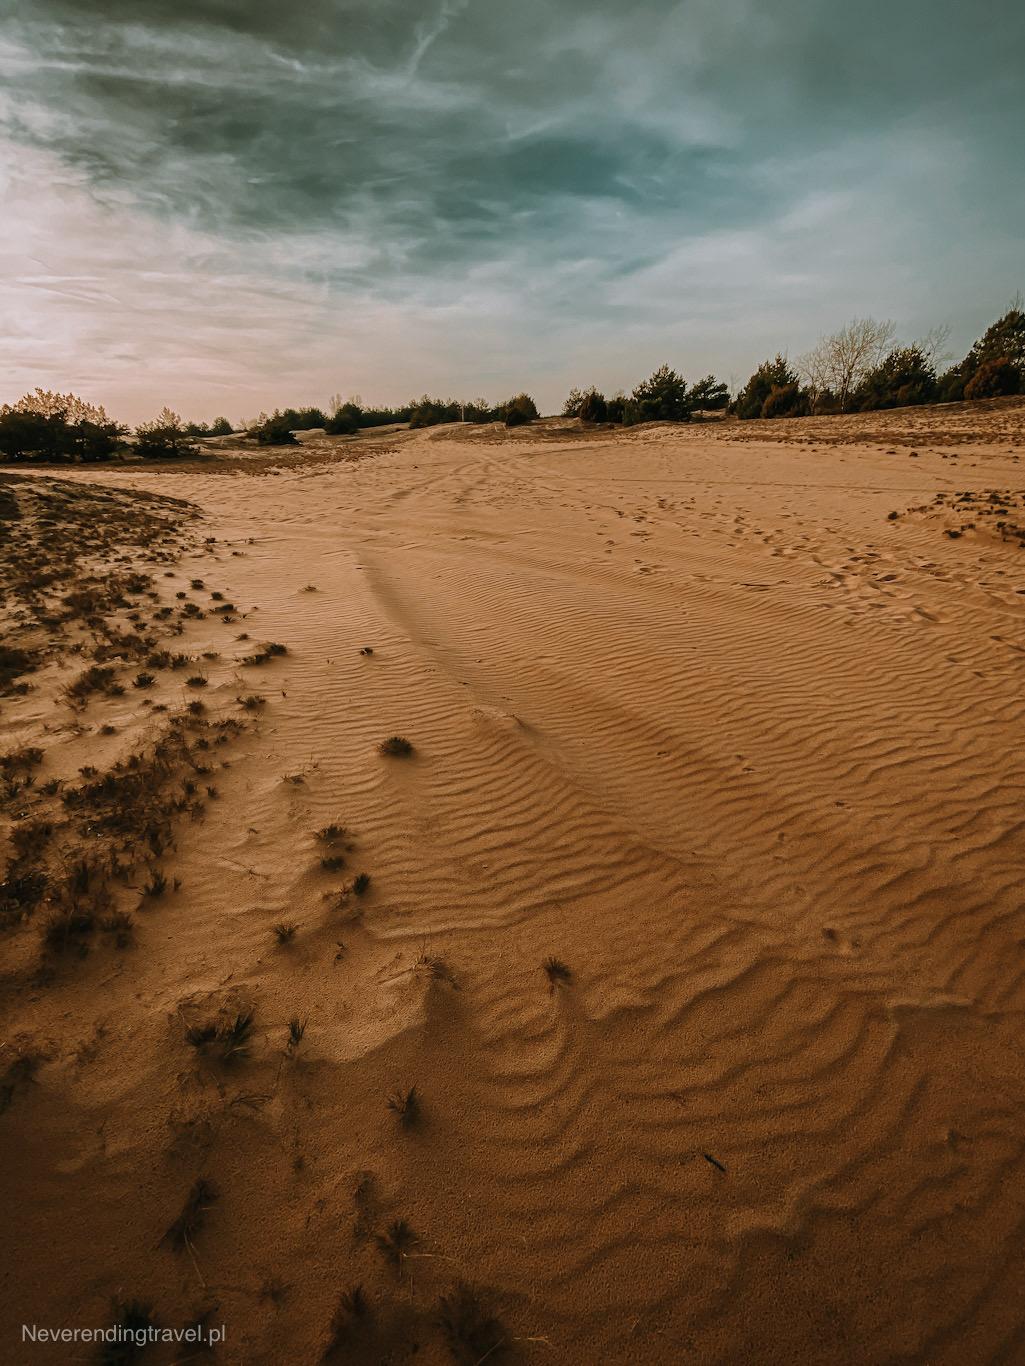 wydmy, kampinoska pustynia, poligon cybulice, kampinos, grochalskie piachy, ciekawe miejsca w kampinosie, kampinoski park narodowy, ciekawe miejsca warszawa, pustynia w okolicy warszawy, polska ciekawe miejsca,